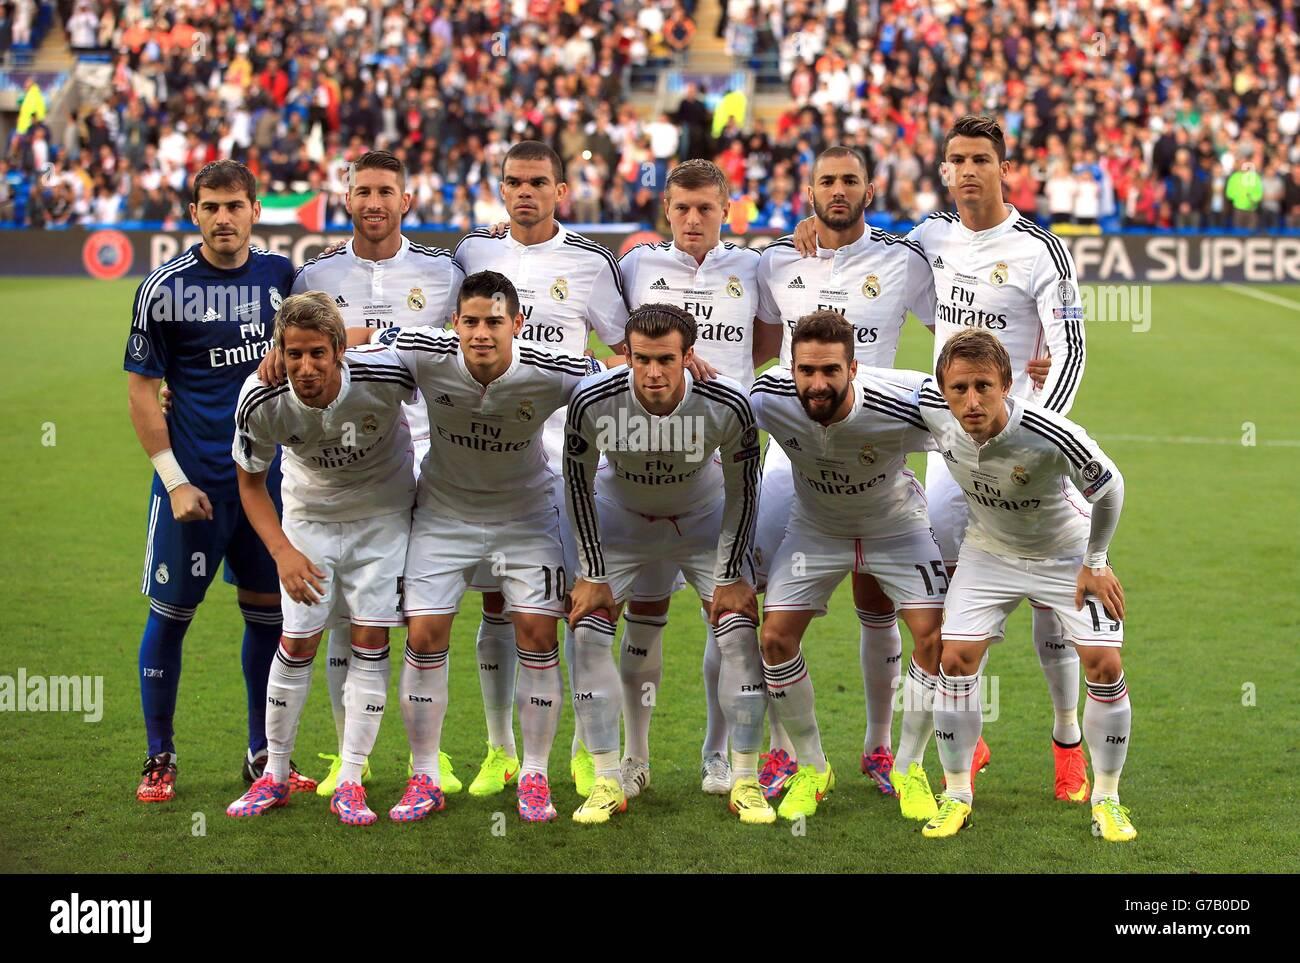 04fffac942451 Soccer - 2014 UEFA Super Cup - Sevilla v Real Madrid - Cardiff City Stadium